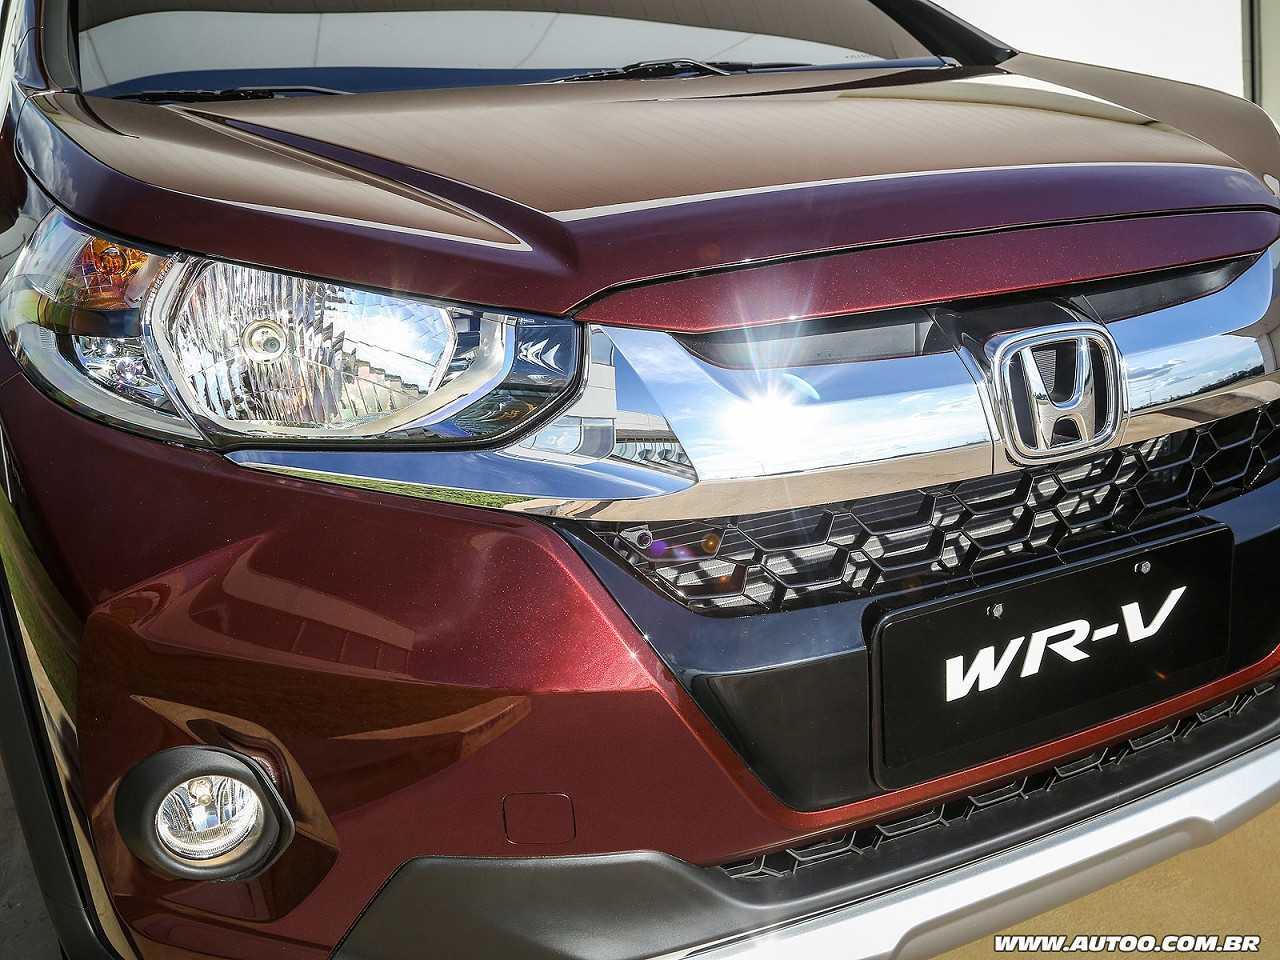 HondaWR-V 2017 - outros